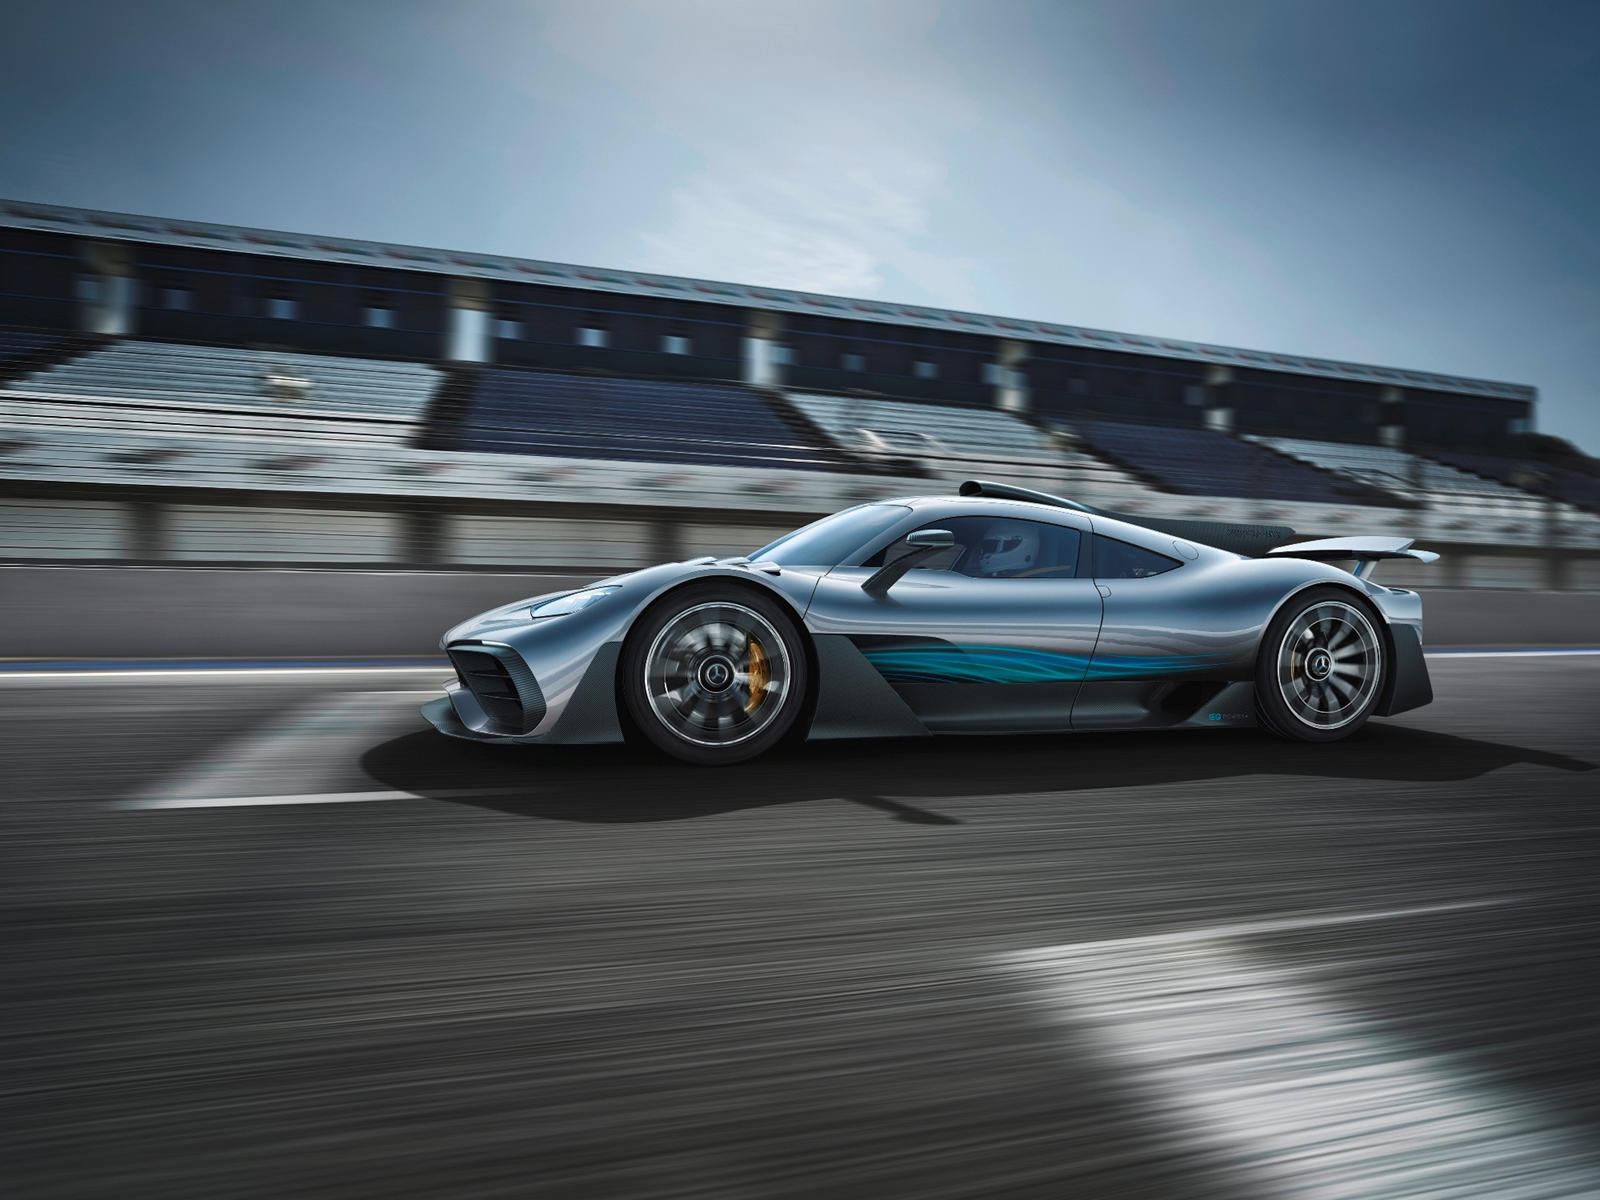 Вдали от гоночной трассы 1,6-литровый гибридный силовой агрегат V6 AMG One - это практически самое близкое, что Mercedes предложит полноценному двигателю F1. Используя четыре электродвигателя, One будет производить более 1000 лошадиных сил. Mercedes